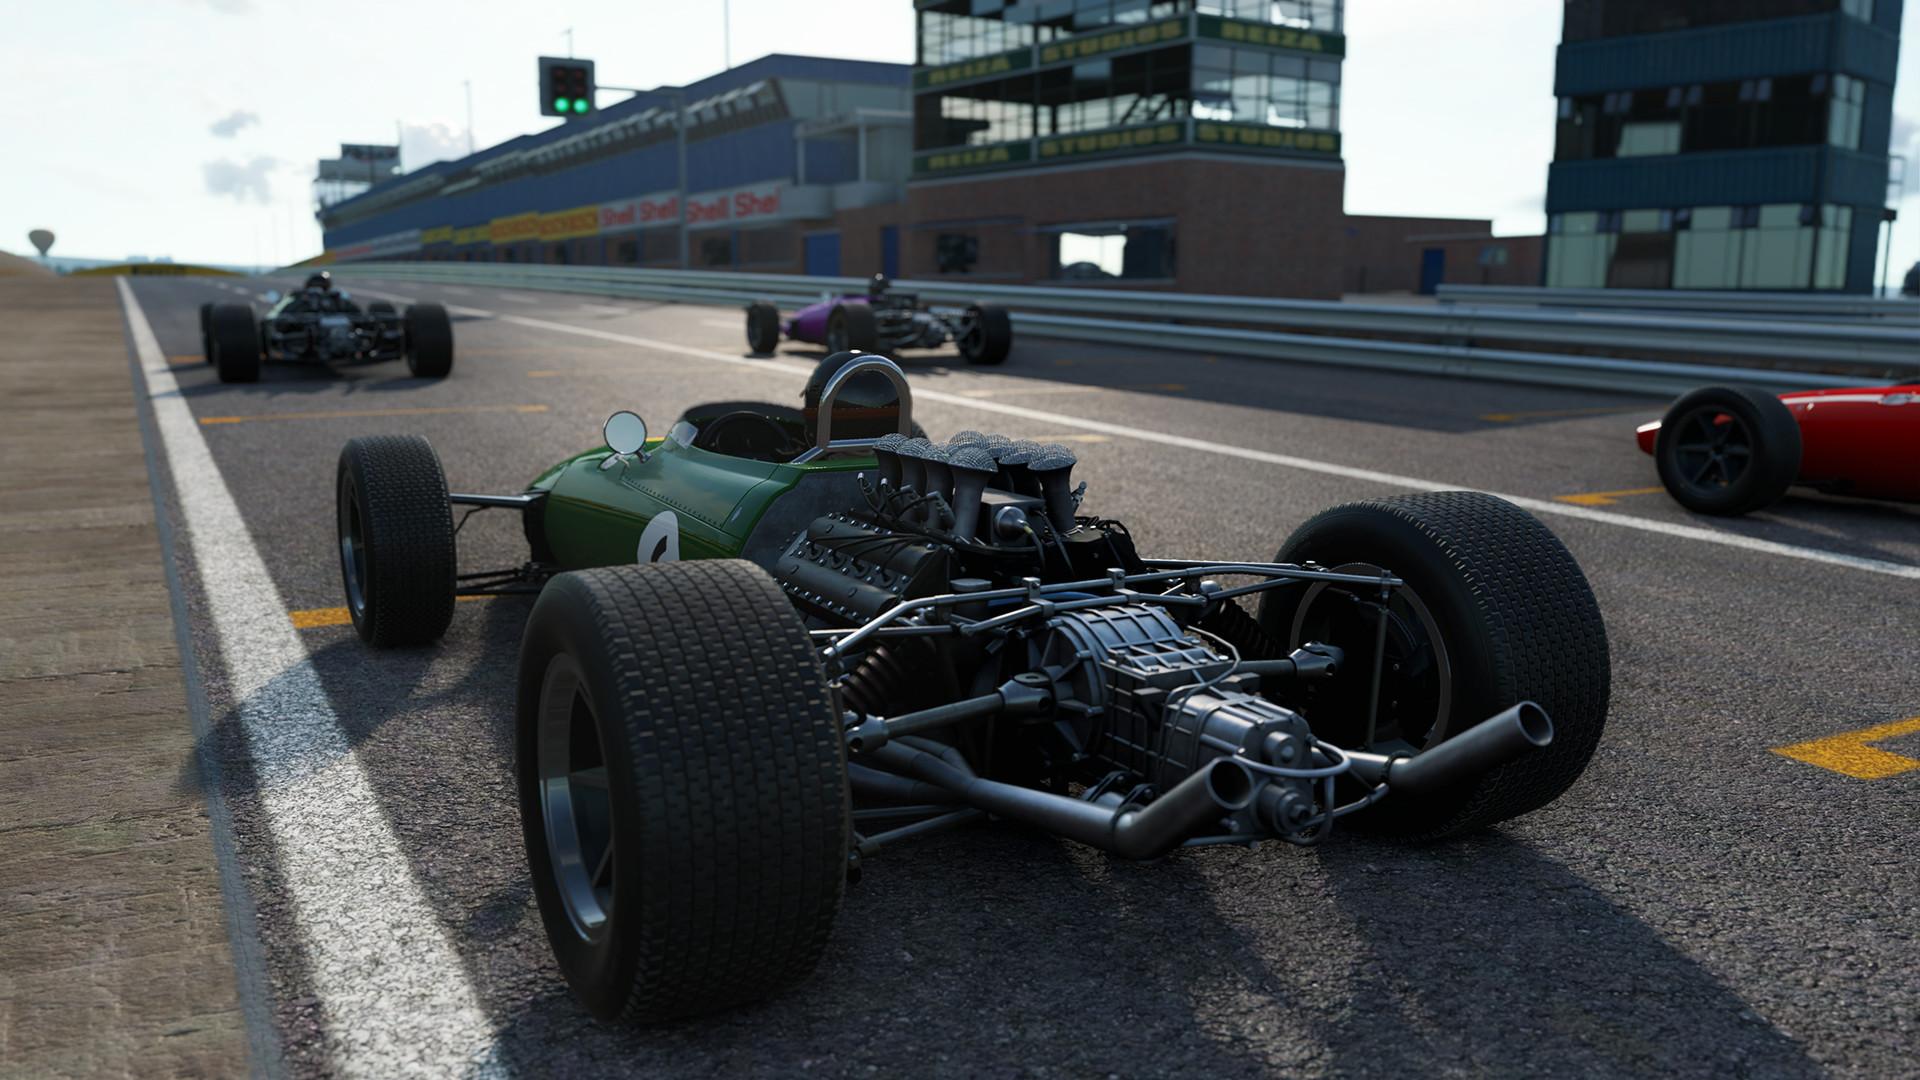 """Automobilista 2 """"State Of The Sim"""" November, 2020 Trailer"""